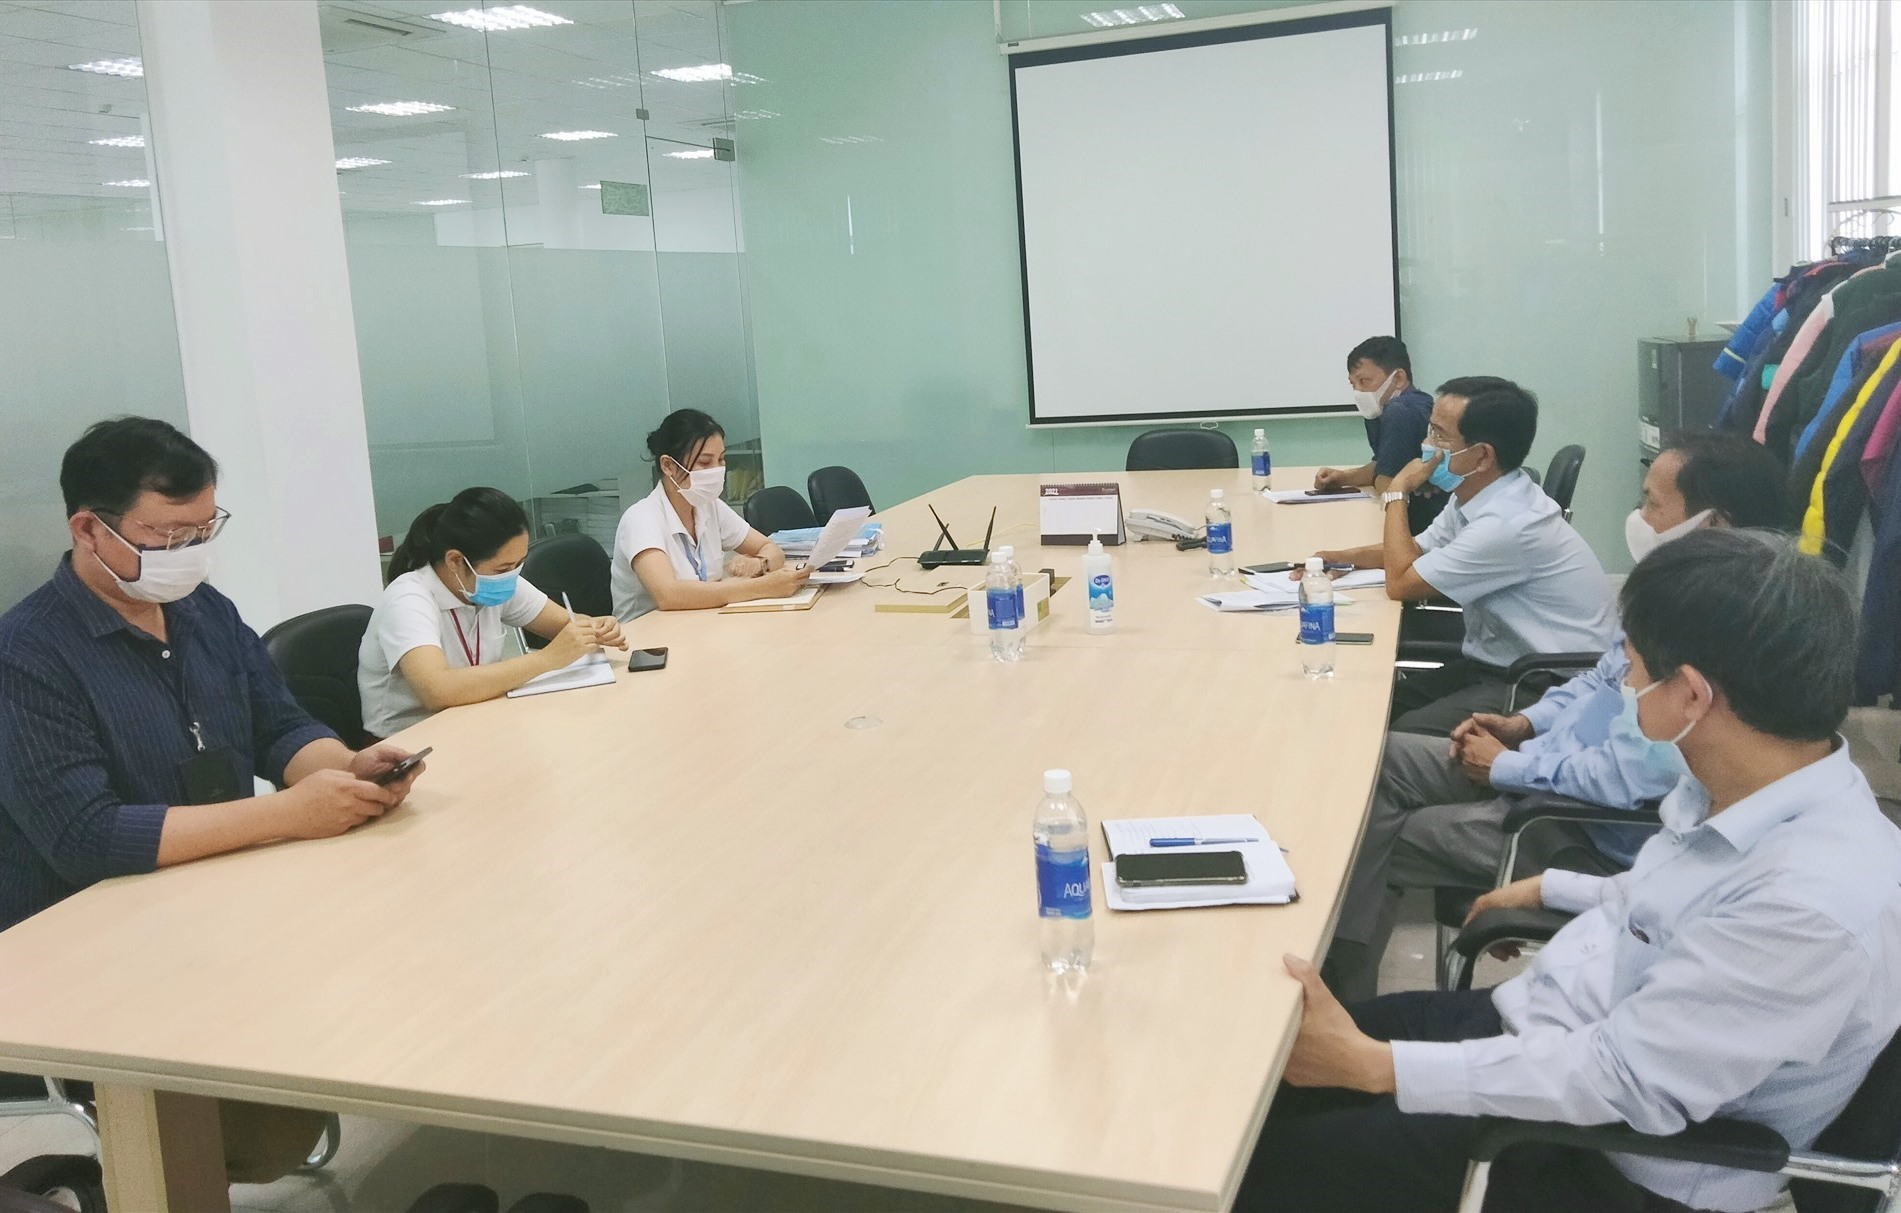 Huyện Thăng Bình kiểm tra phương án phòng chống dịch đối với một doanh nghiệp vào cuối tháng 7 vừa qua